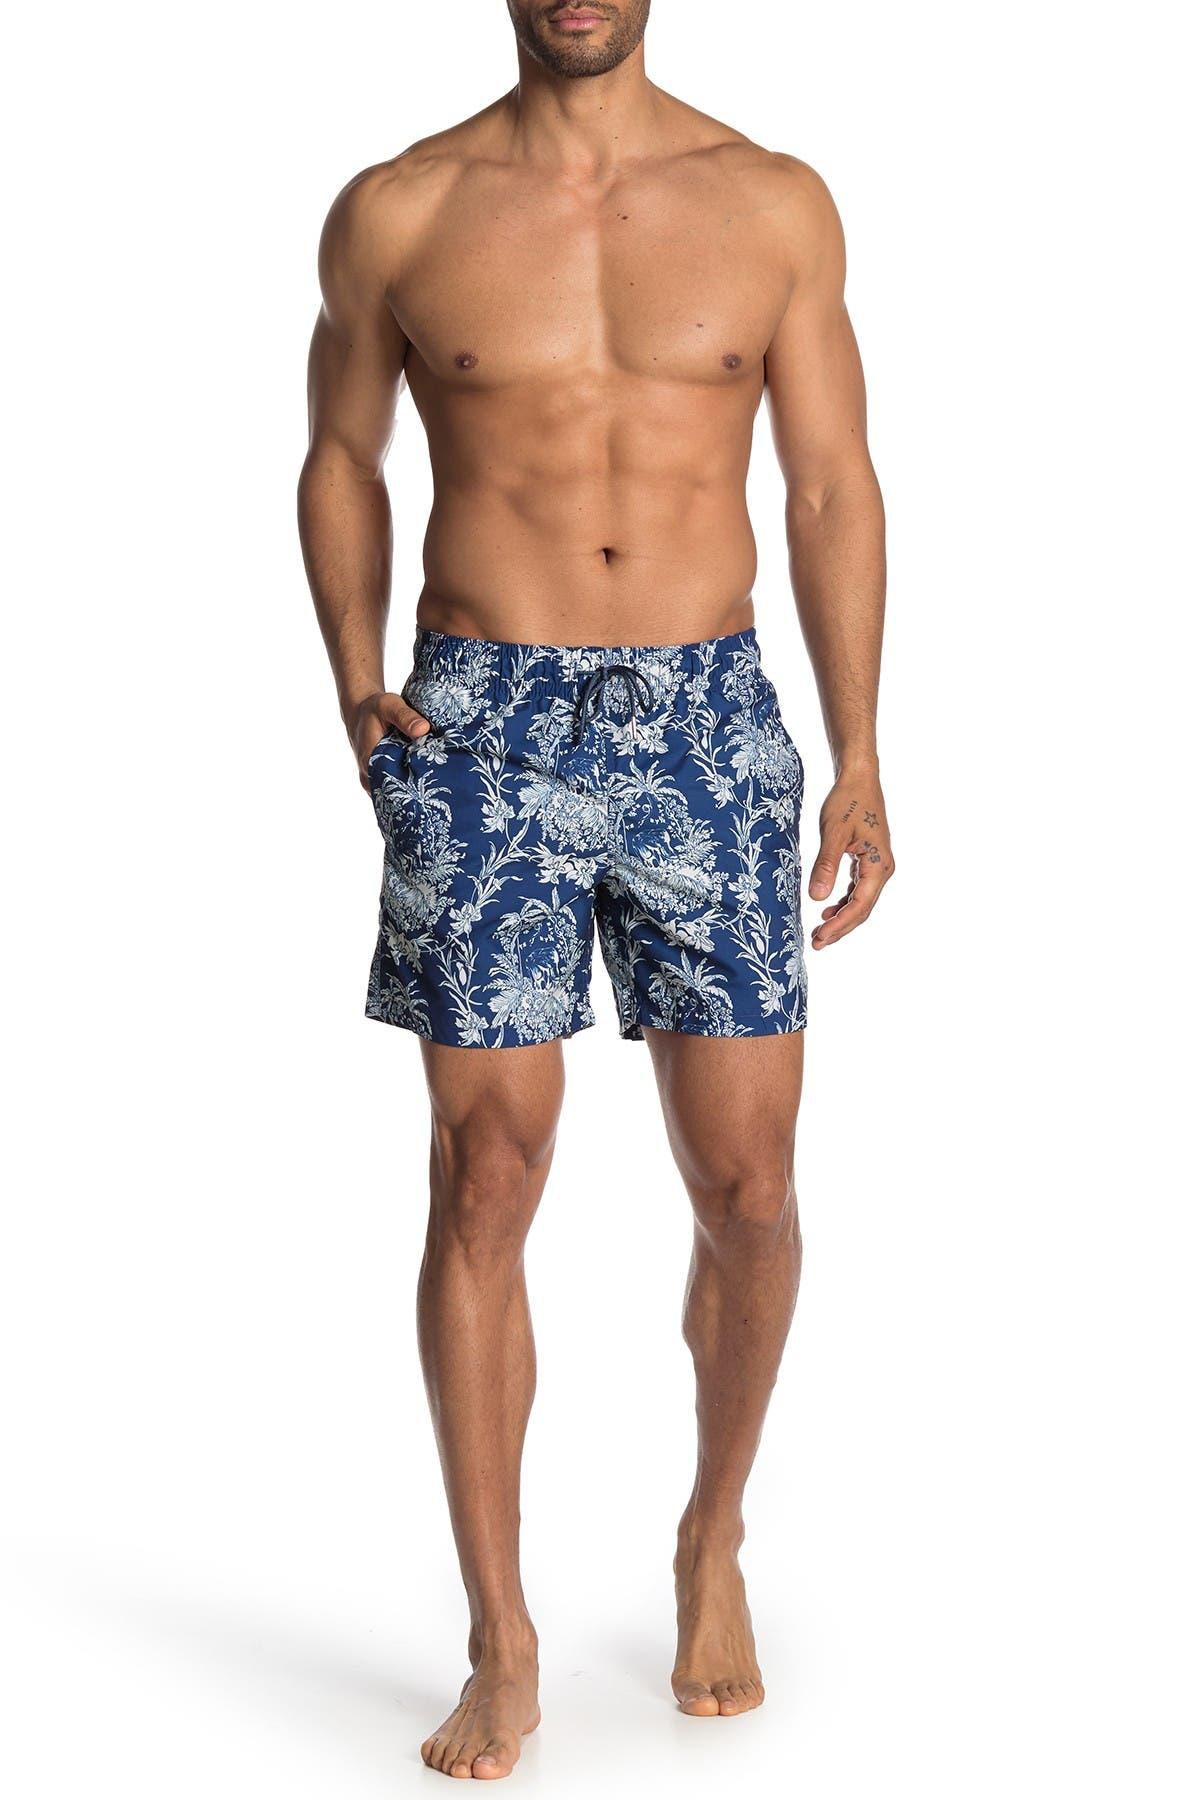 Image of Slate & Stone Printed Swim Shorts